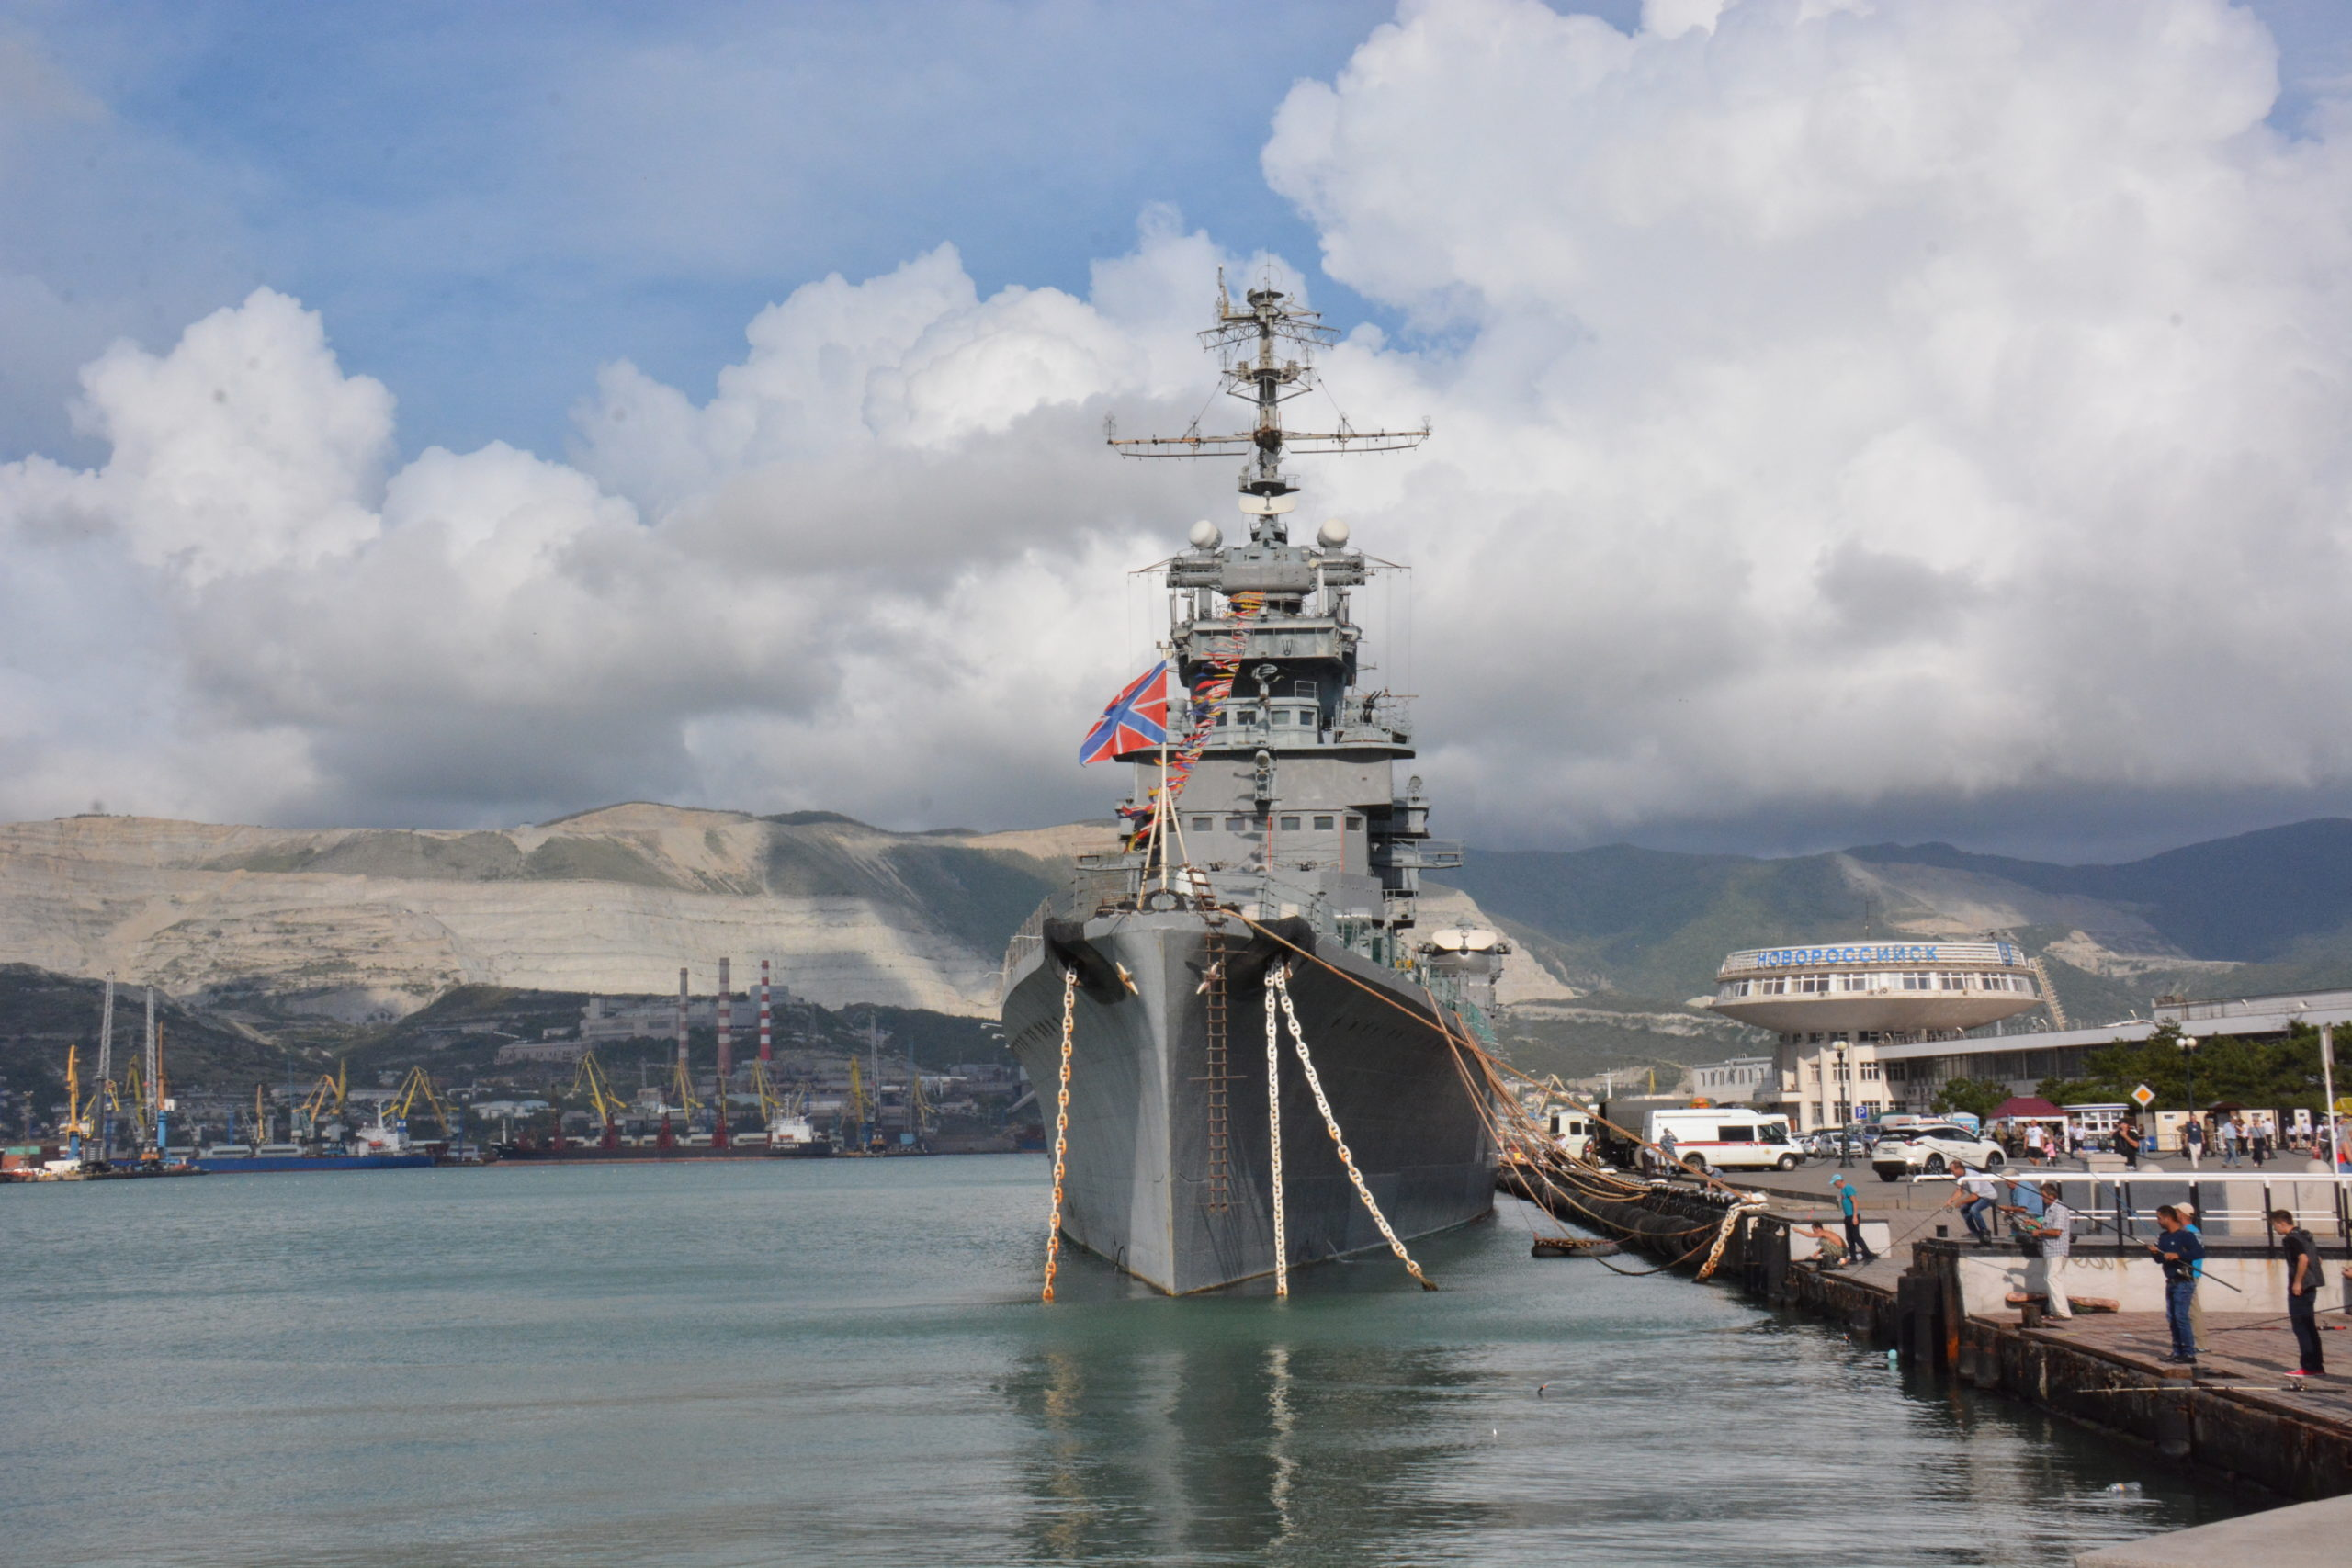 В Новороссийске  крейсер «Михаил Кутузов» нуждается в дорогостоящем ремонте